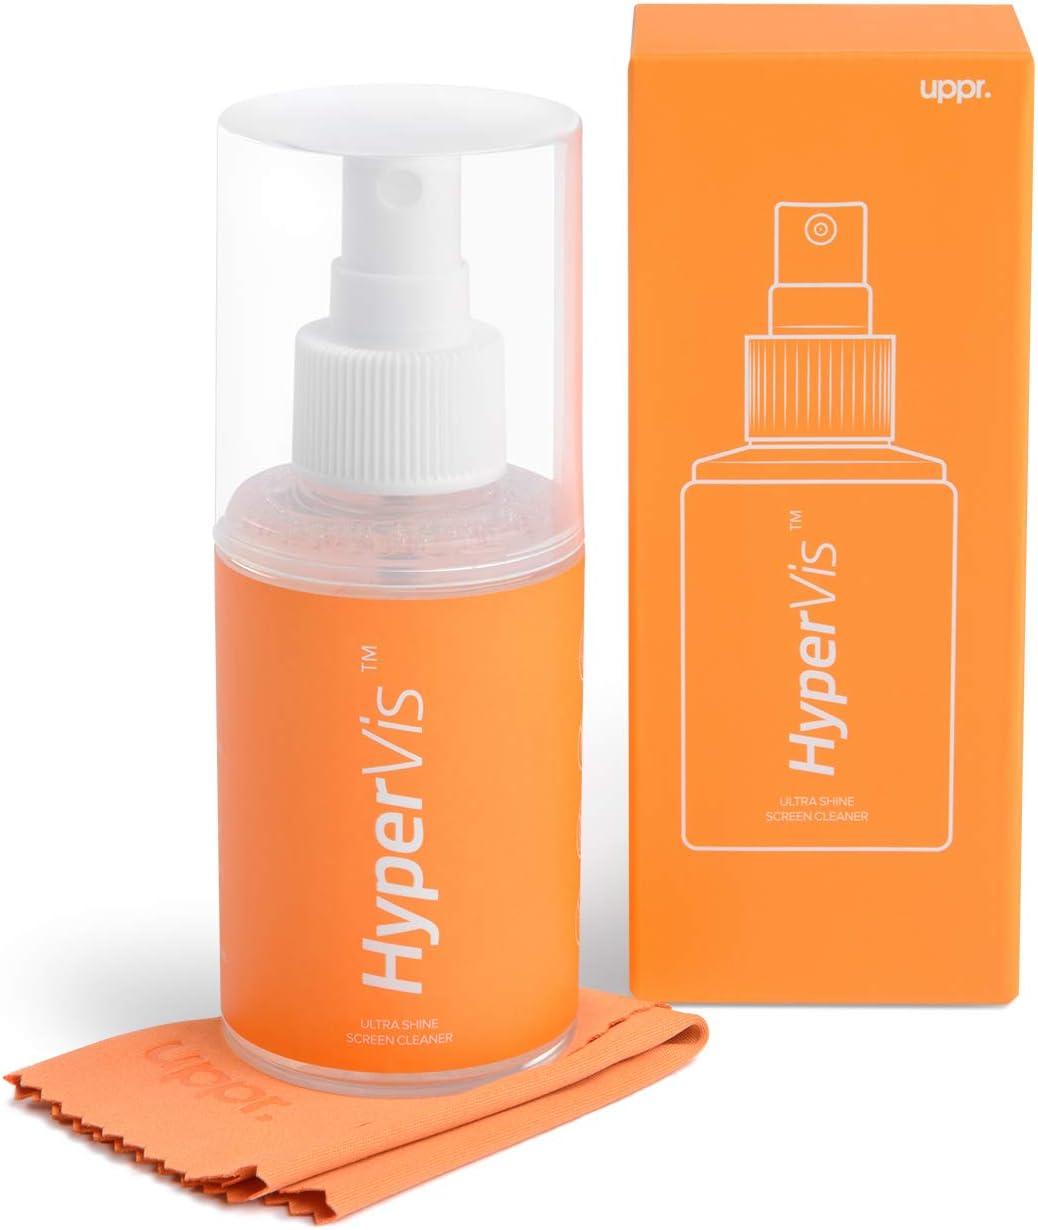 Kit de limpieza con spray y paño de microfibra para pantalla